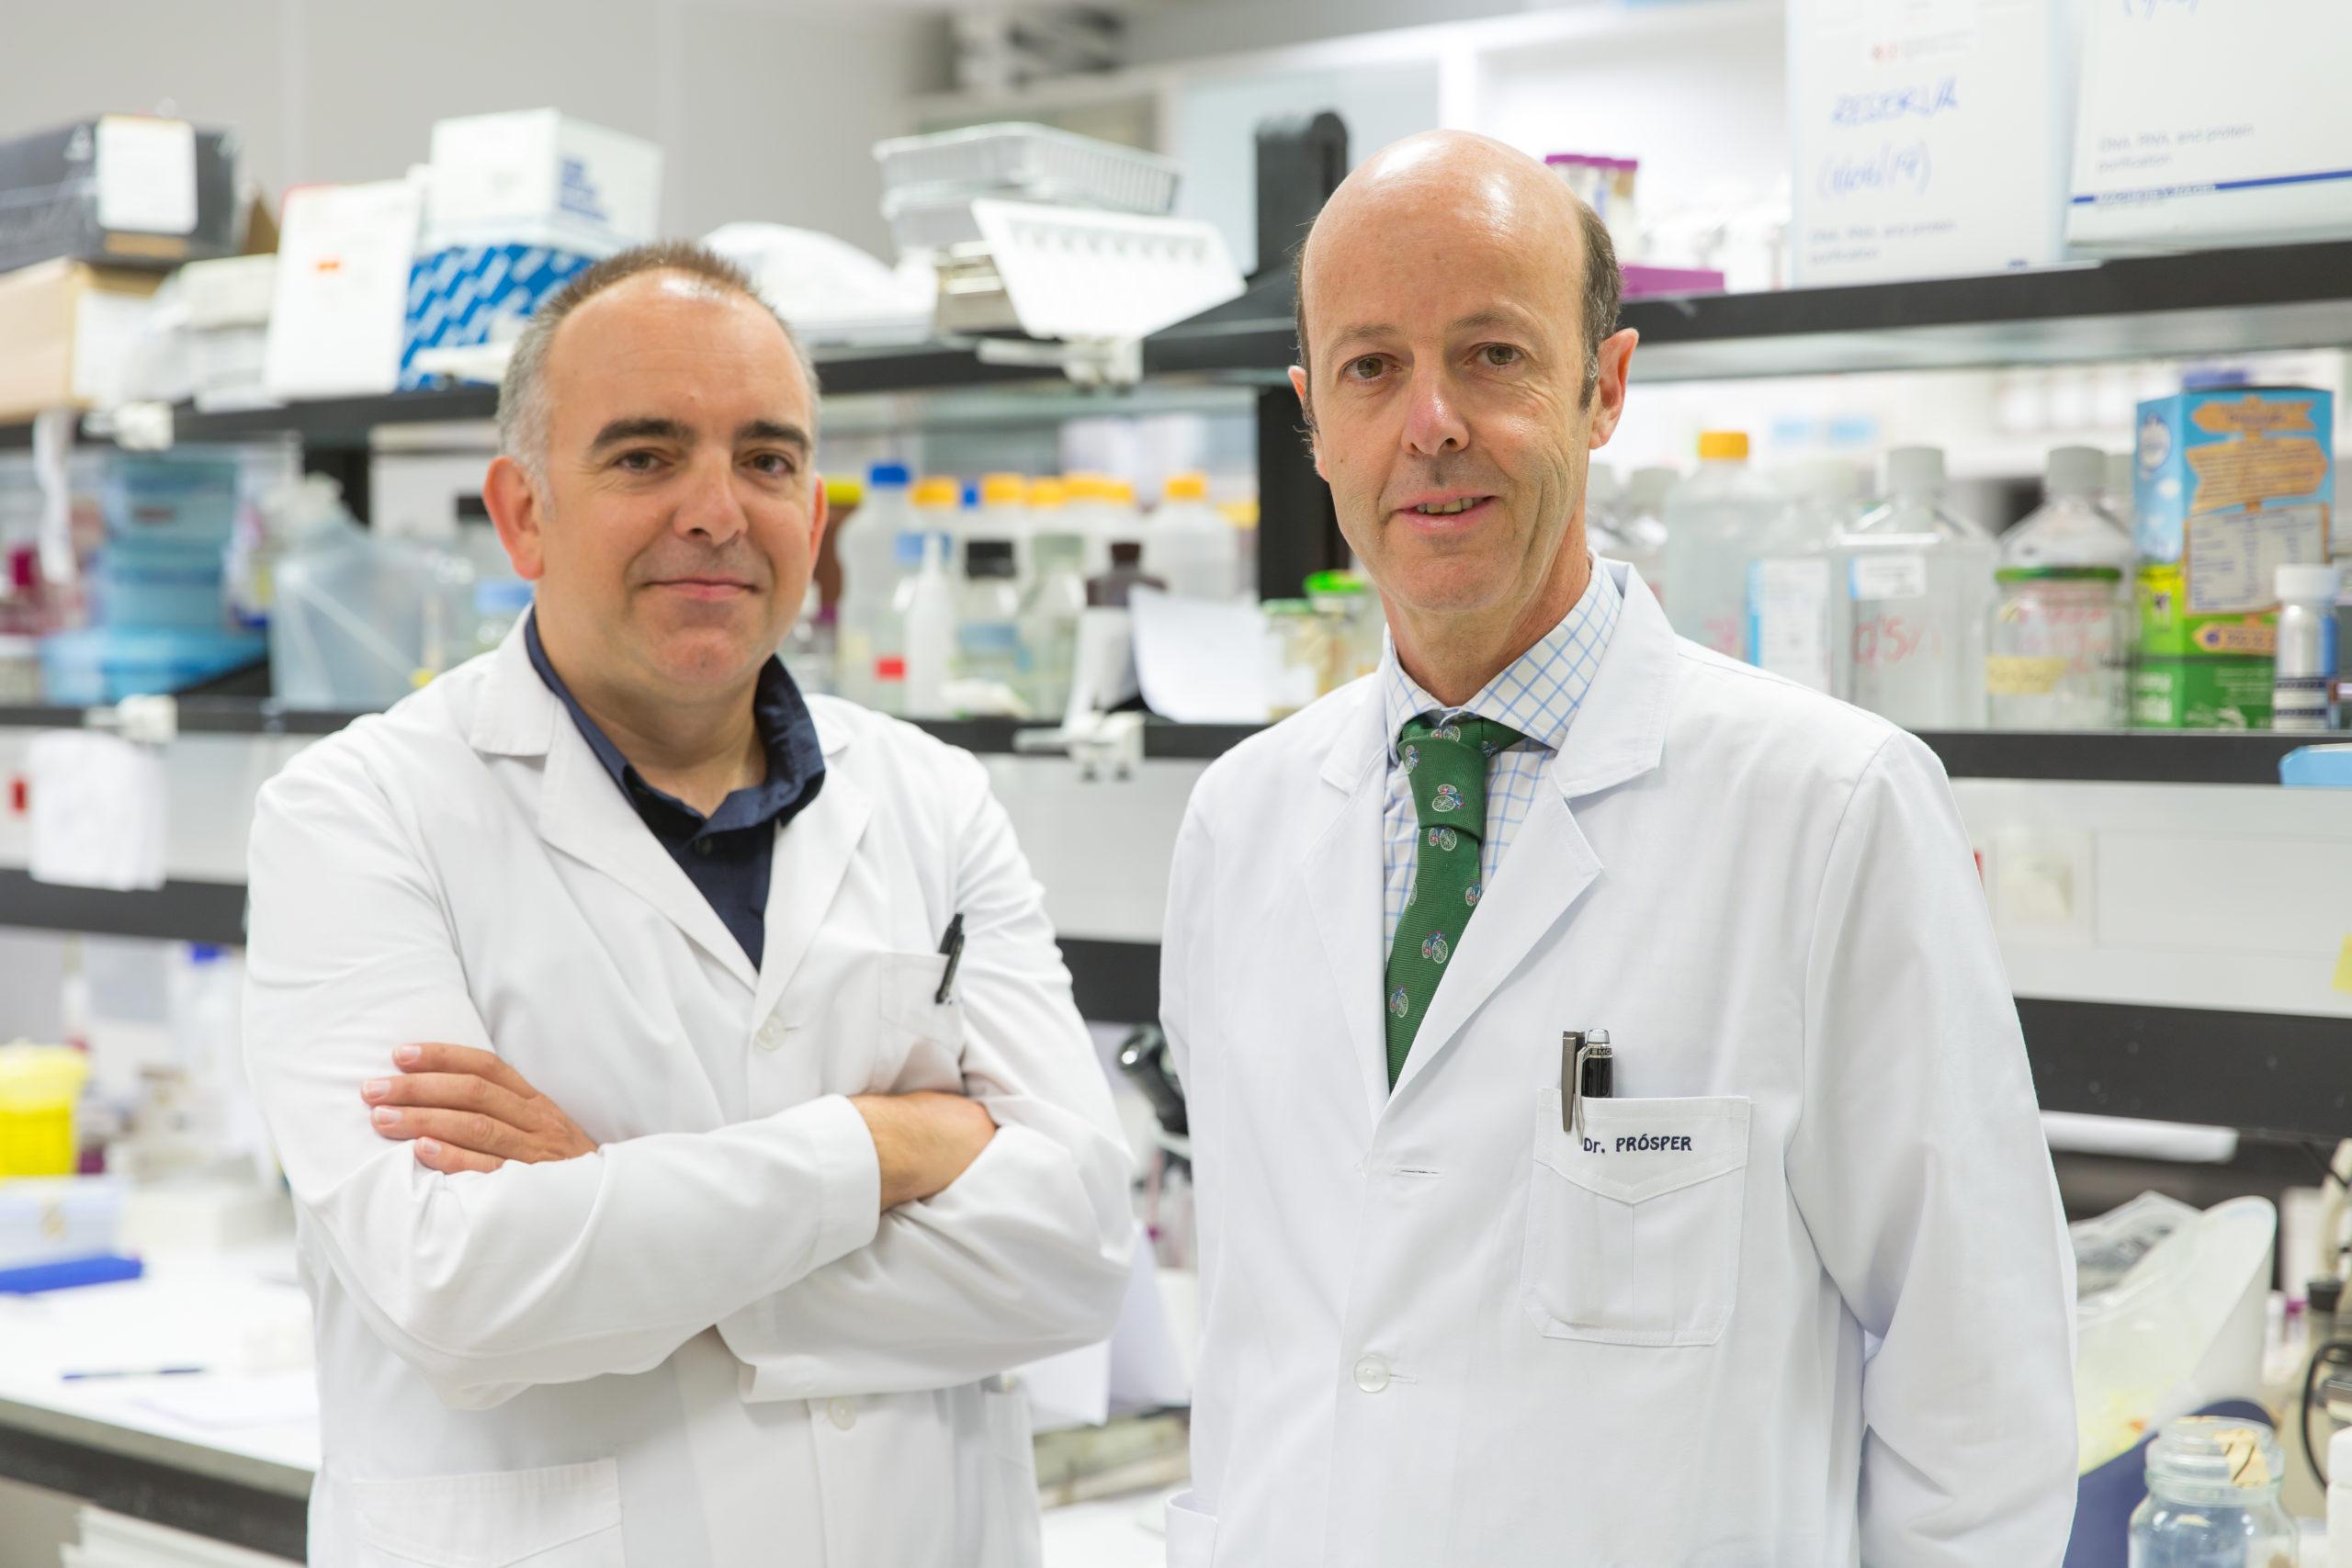 Logran revertir la pérdida ósea asociada al mieloma múltiple y reducir su carga tumoral en ratones